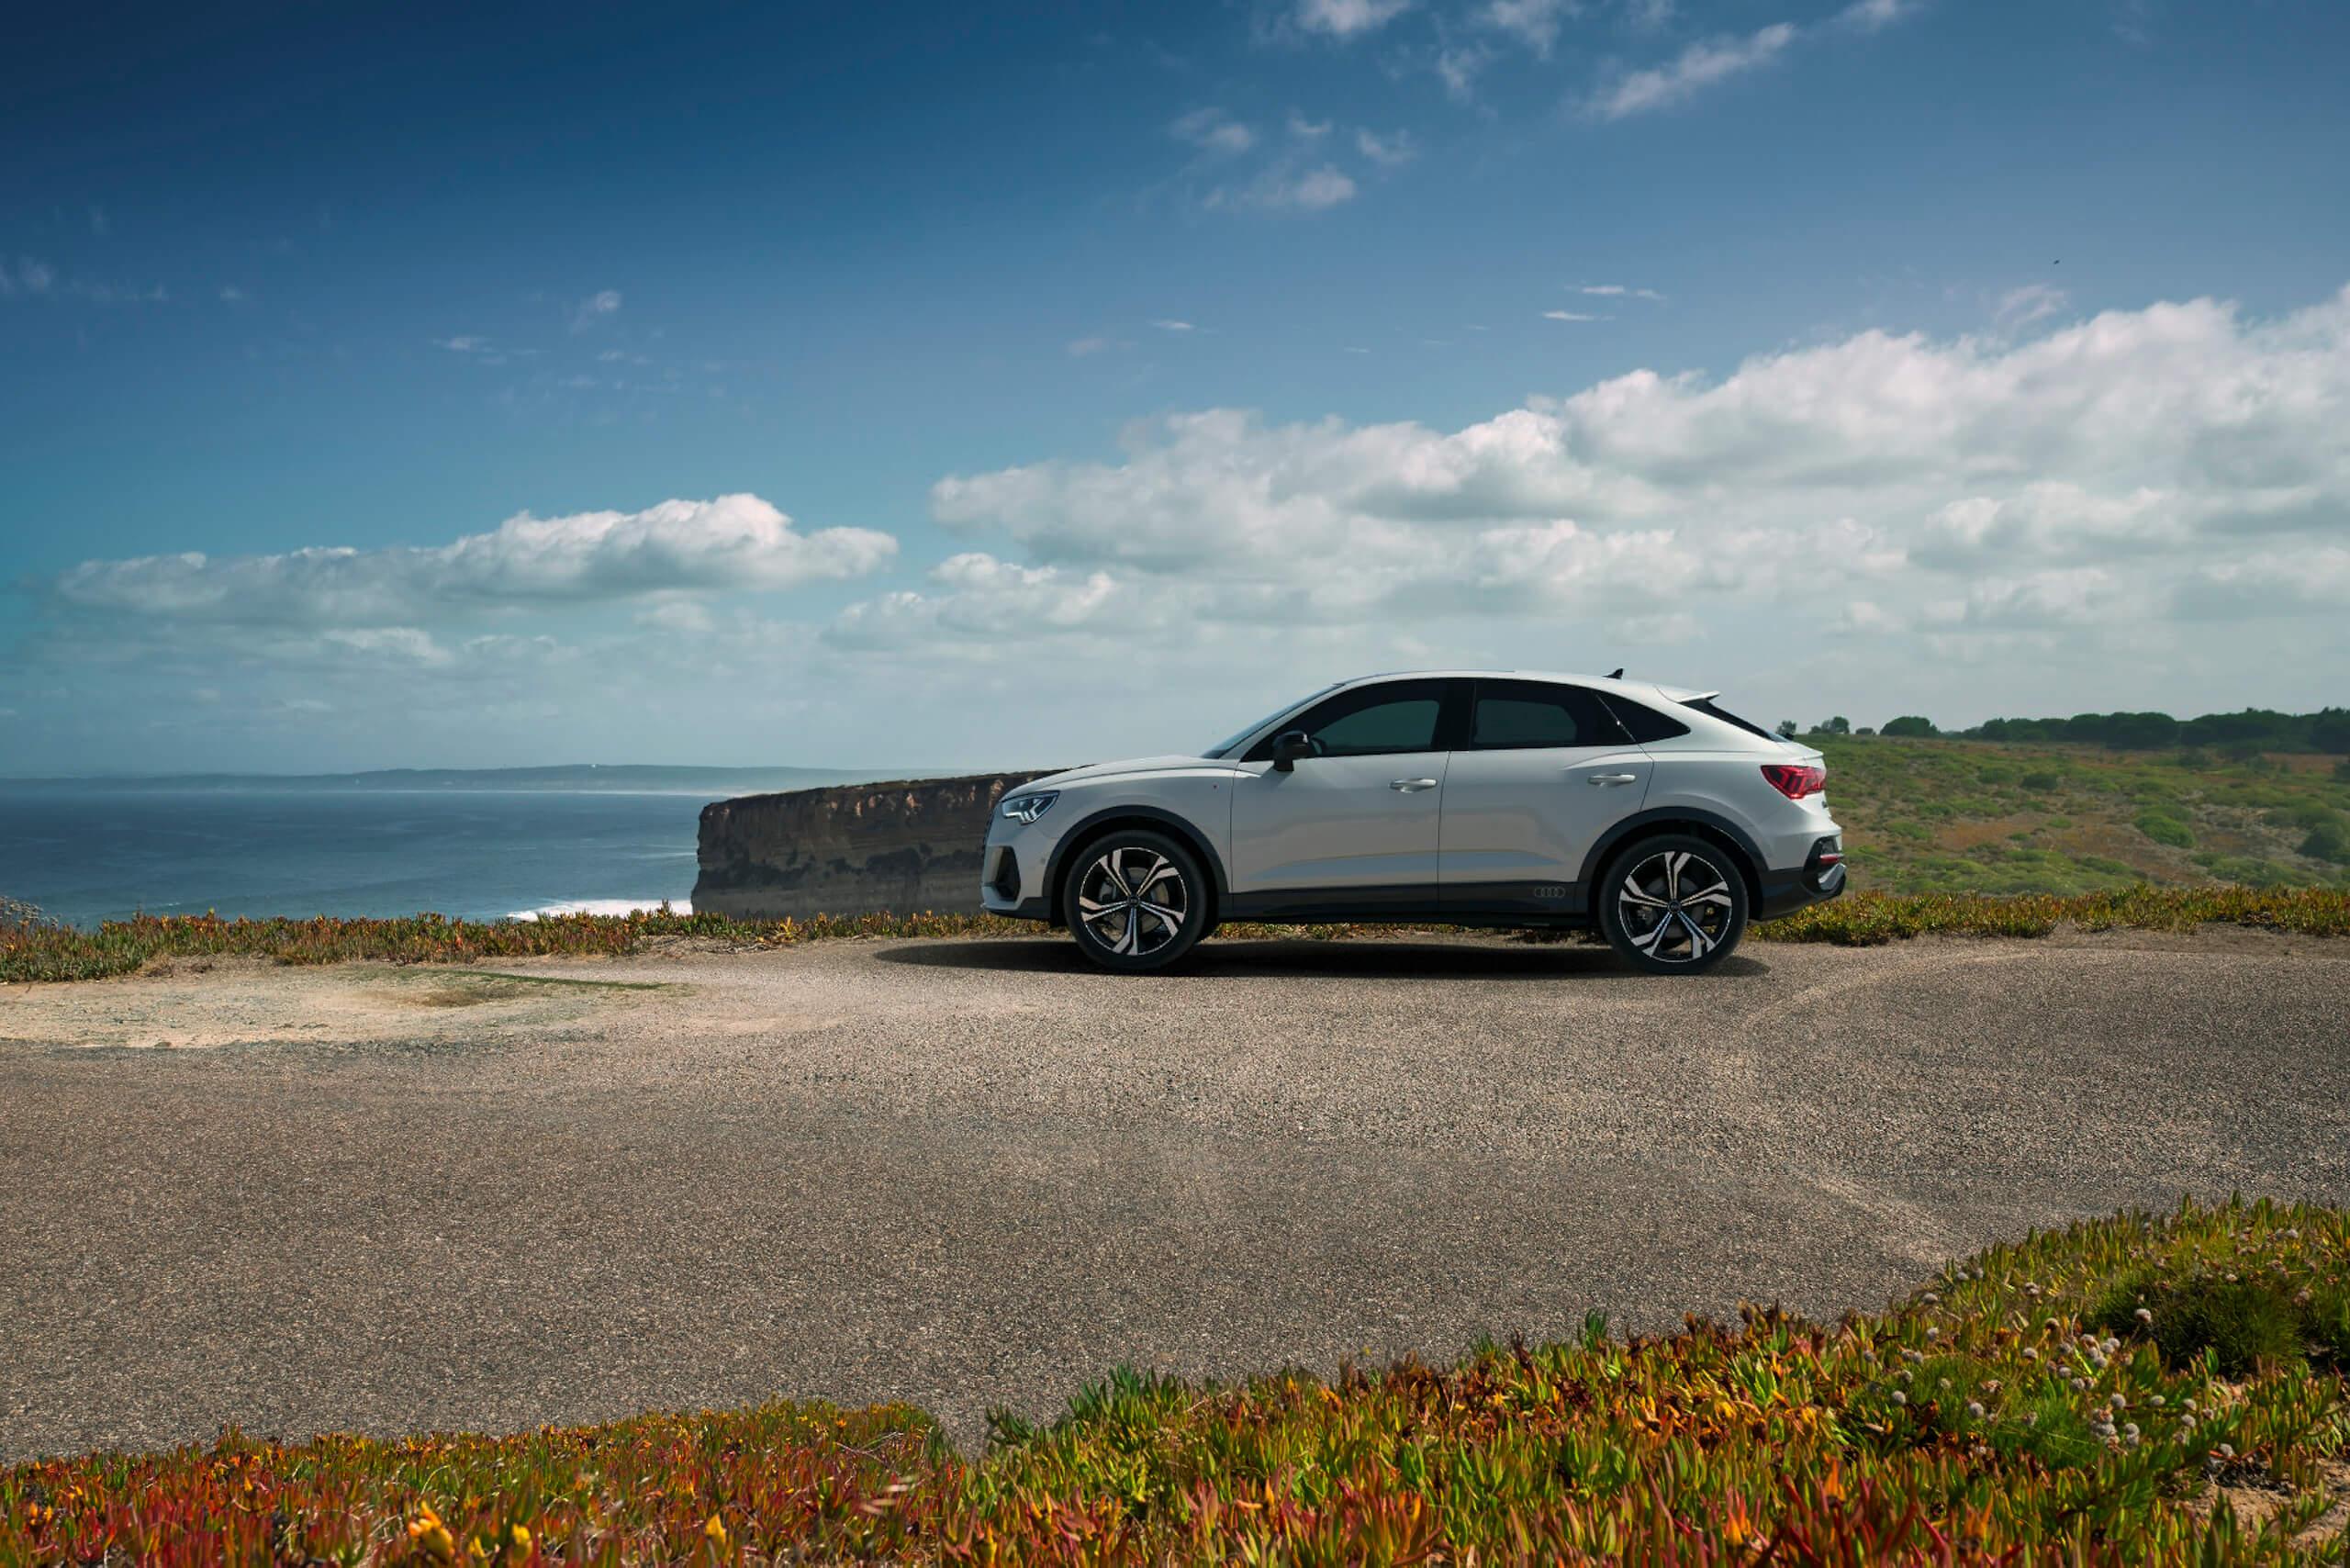 Audi Q3 by Jan van Endert